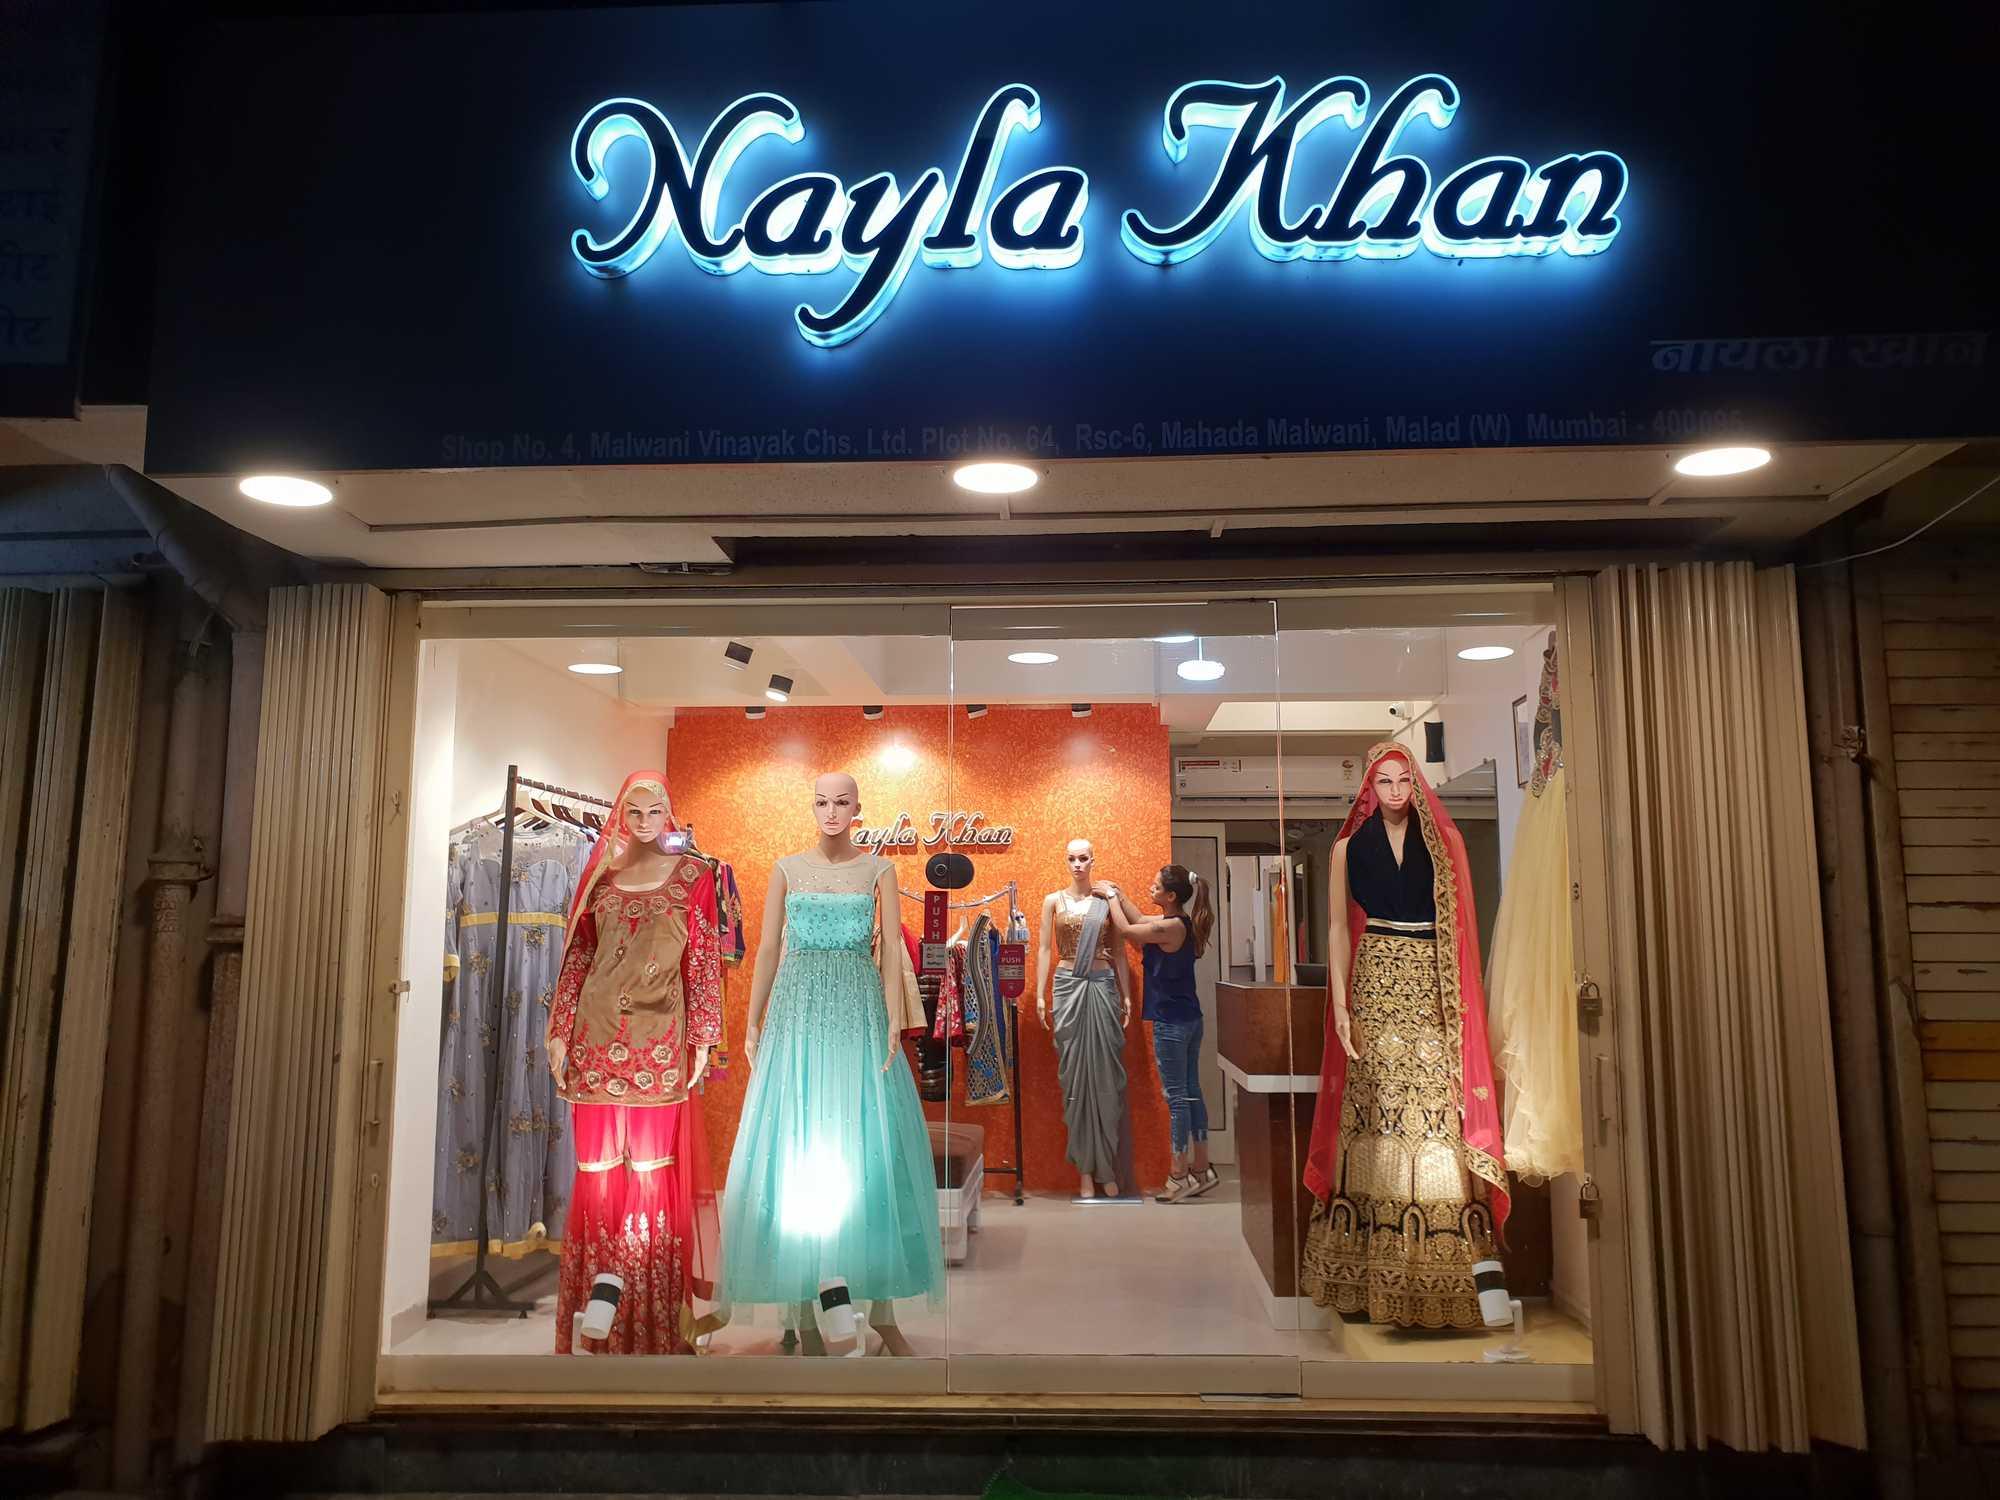 c057eb3cc29b3 Top 50 Boutiques in Santacruz West, Mumbai - Best Fashion Boutiques -  Justdial